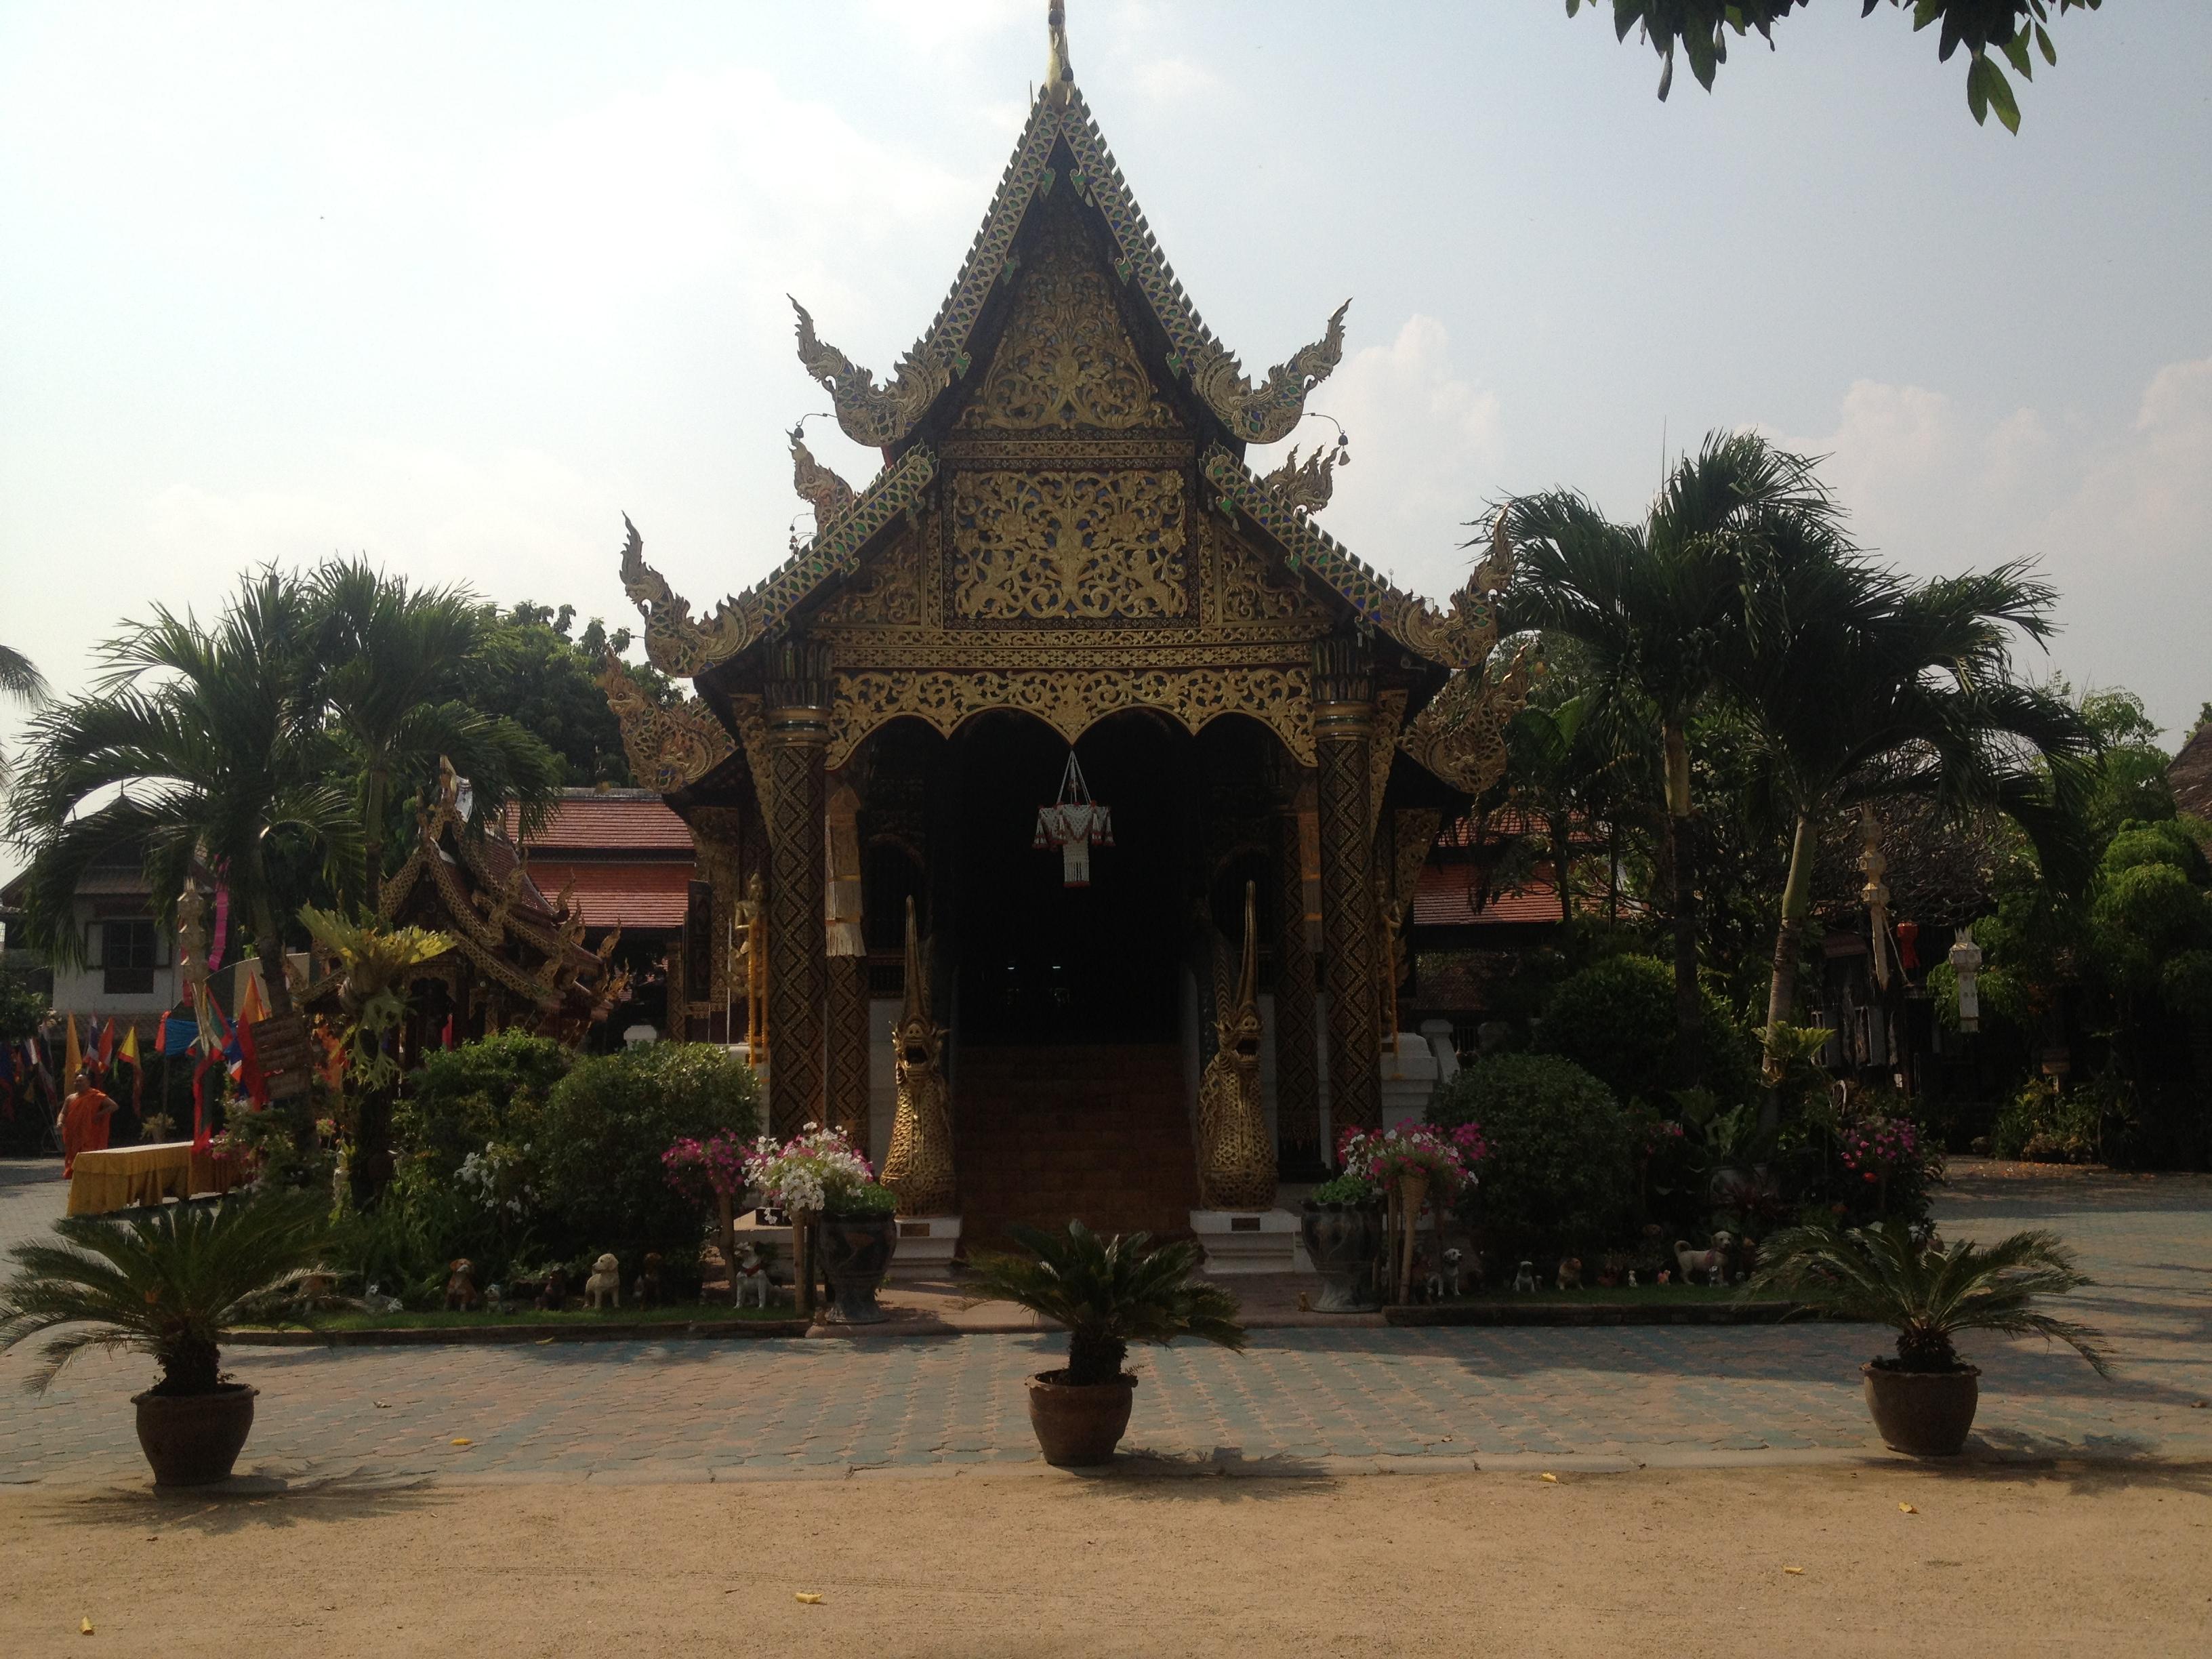 Wat Ket Karem Chiang Mai Thailand